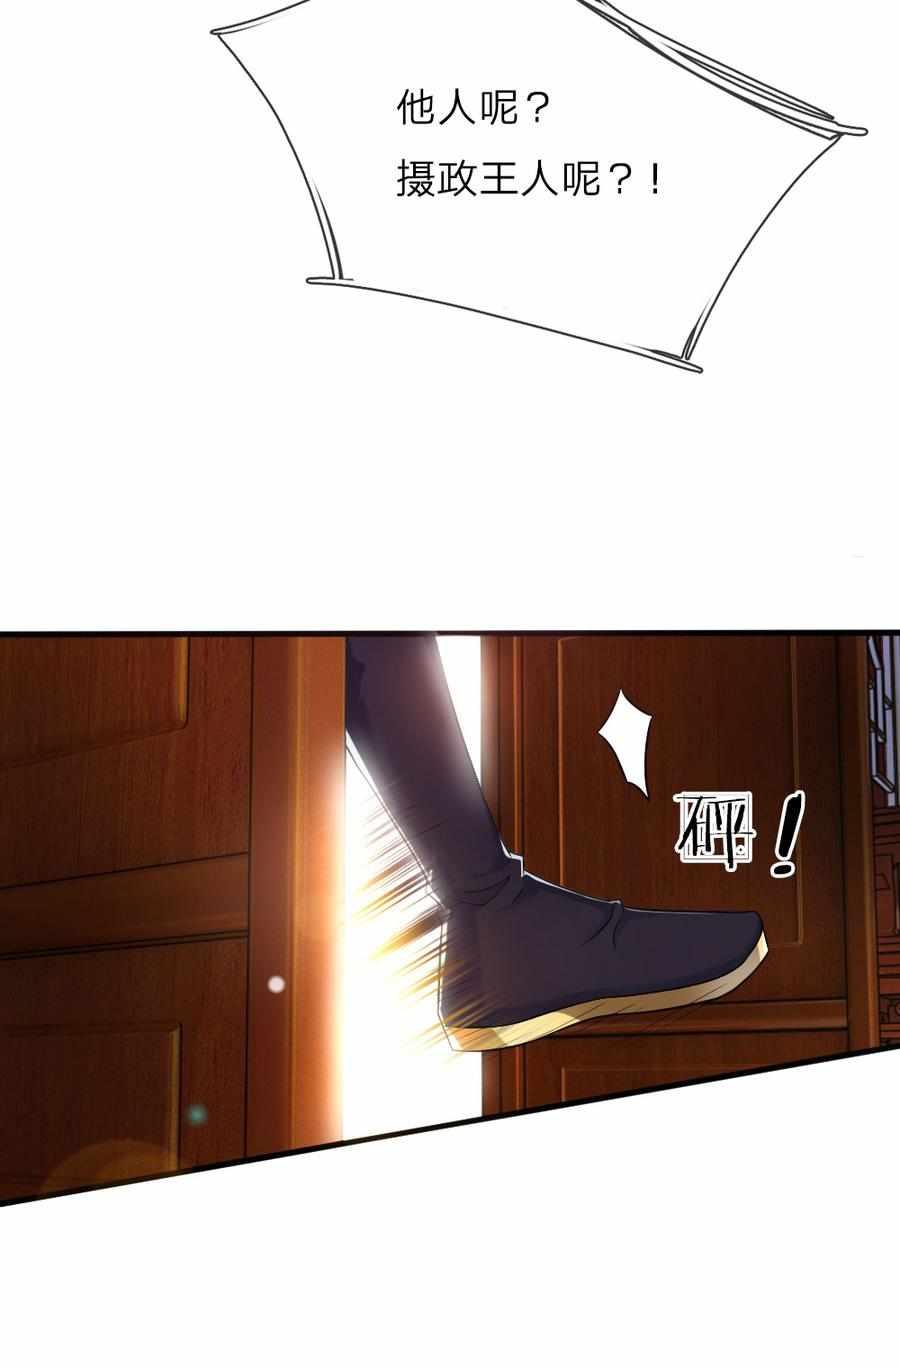 温柔暴君:摄政王爷太凶猛第3话  第3话 奉旨暖床 第 13